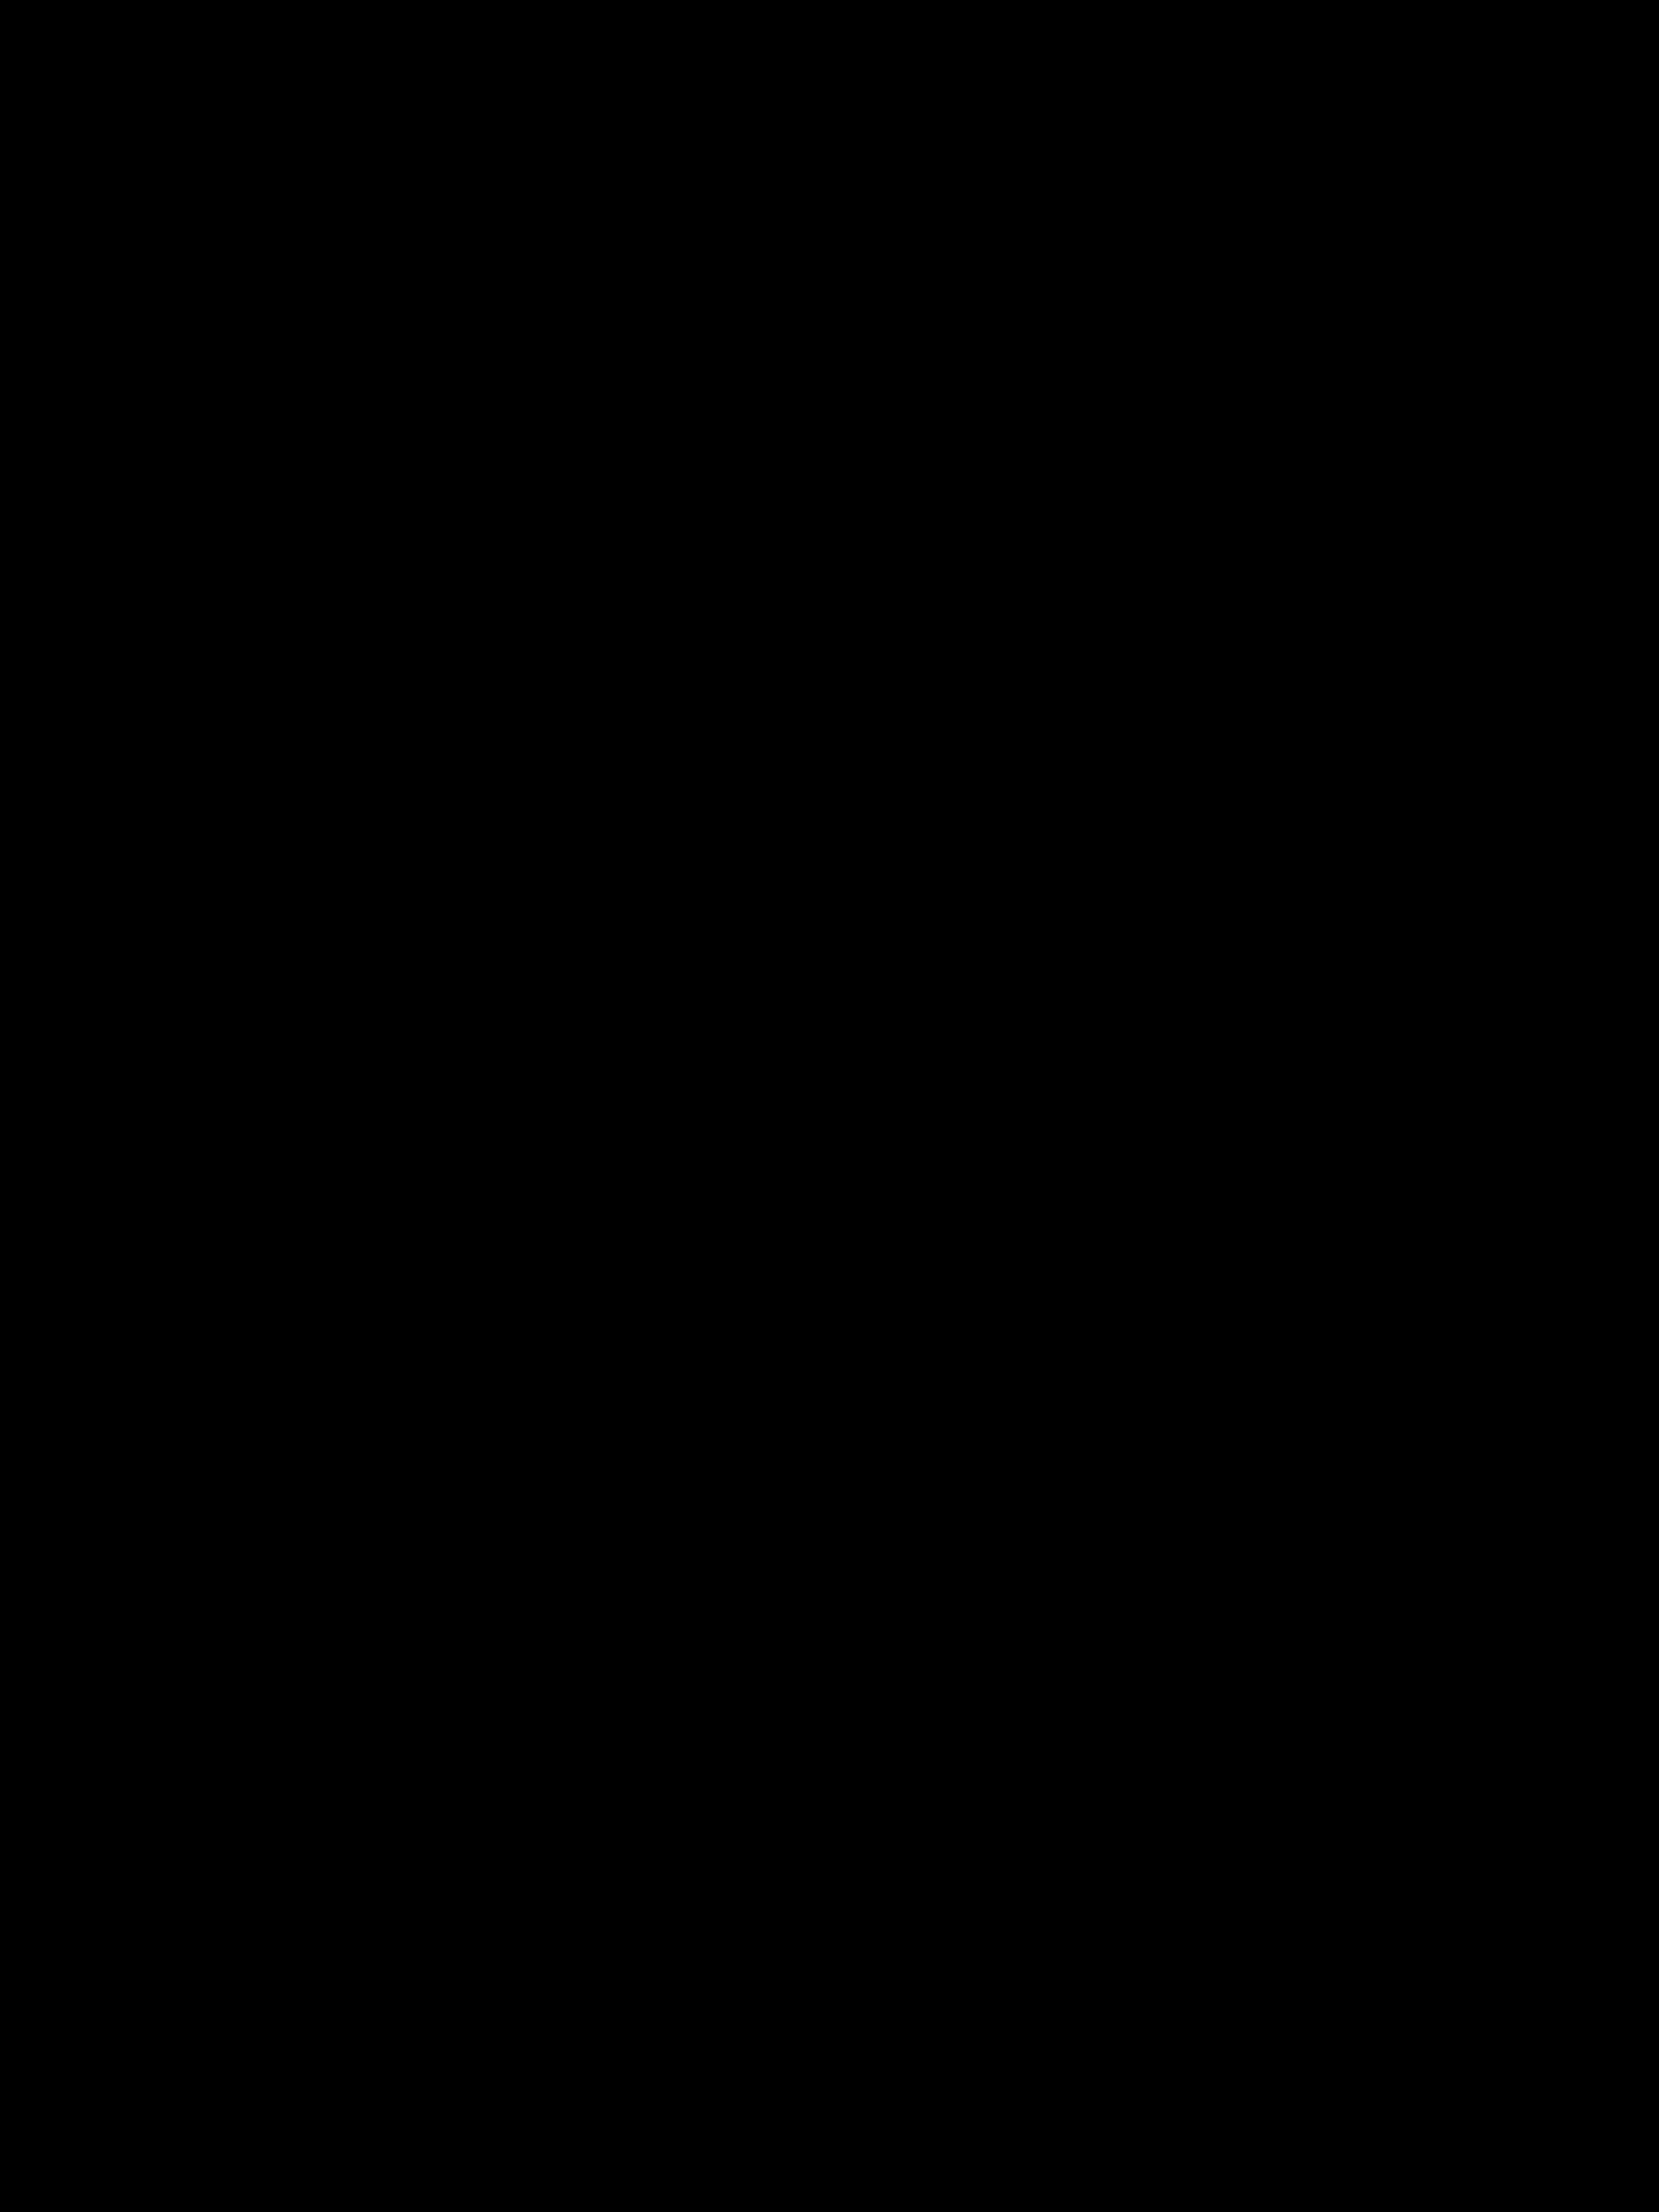 Förlängt vildsvinelstängsel